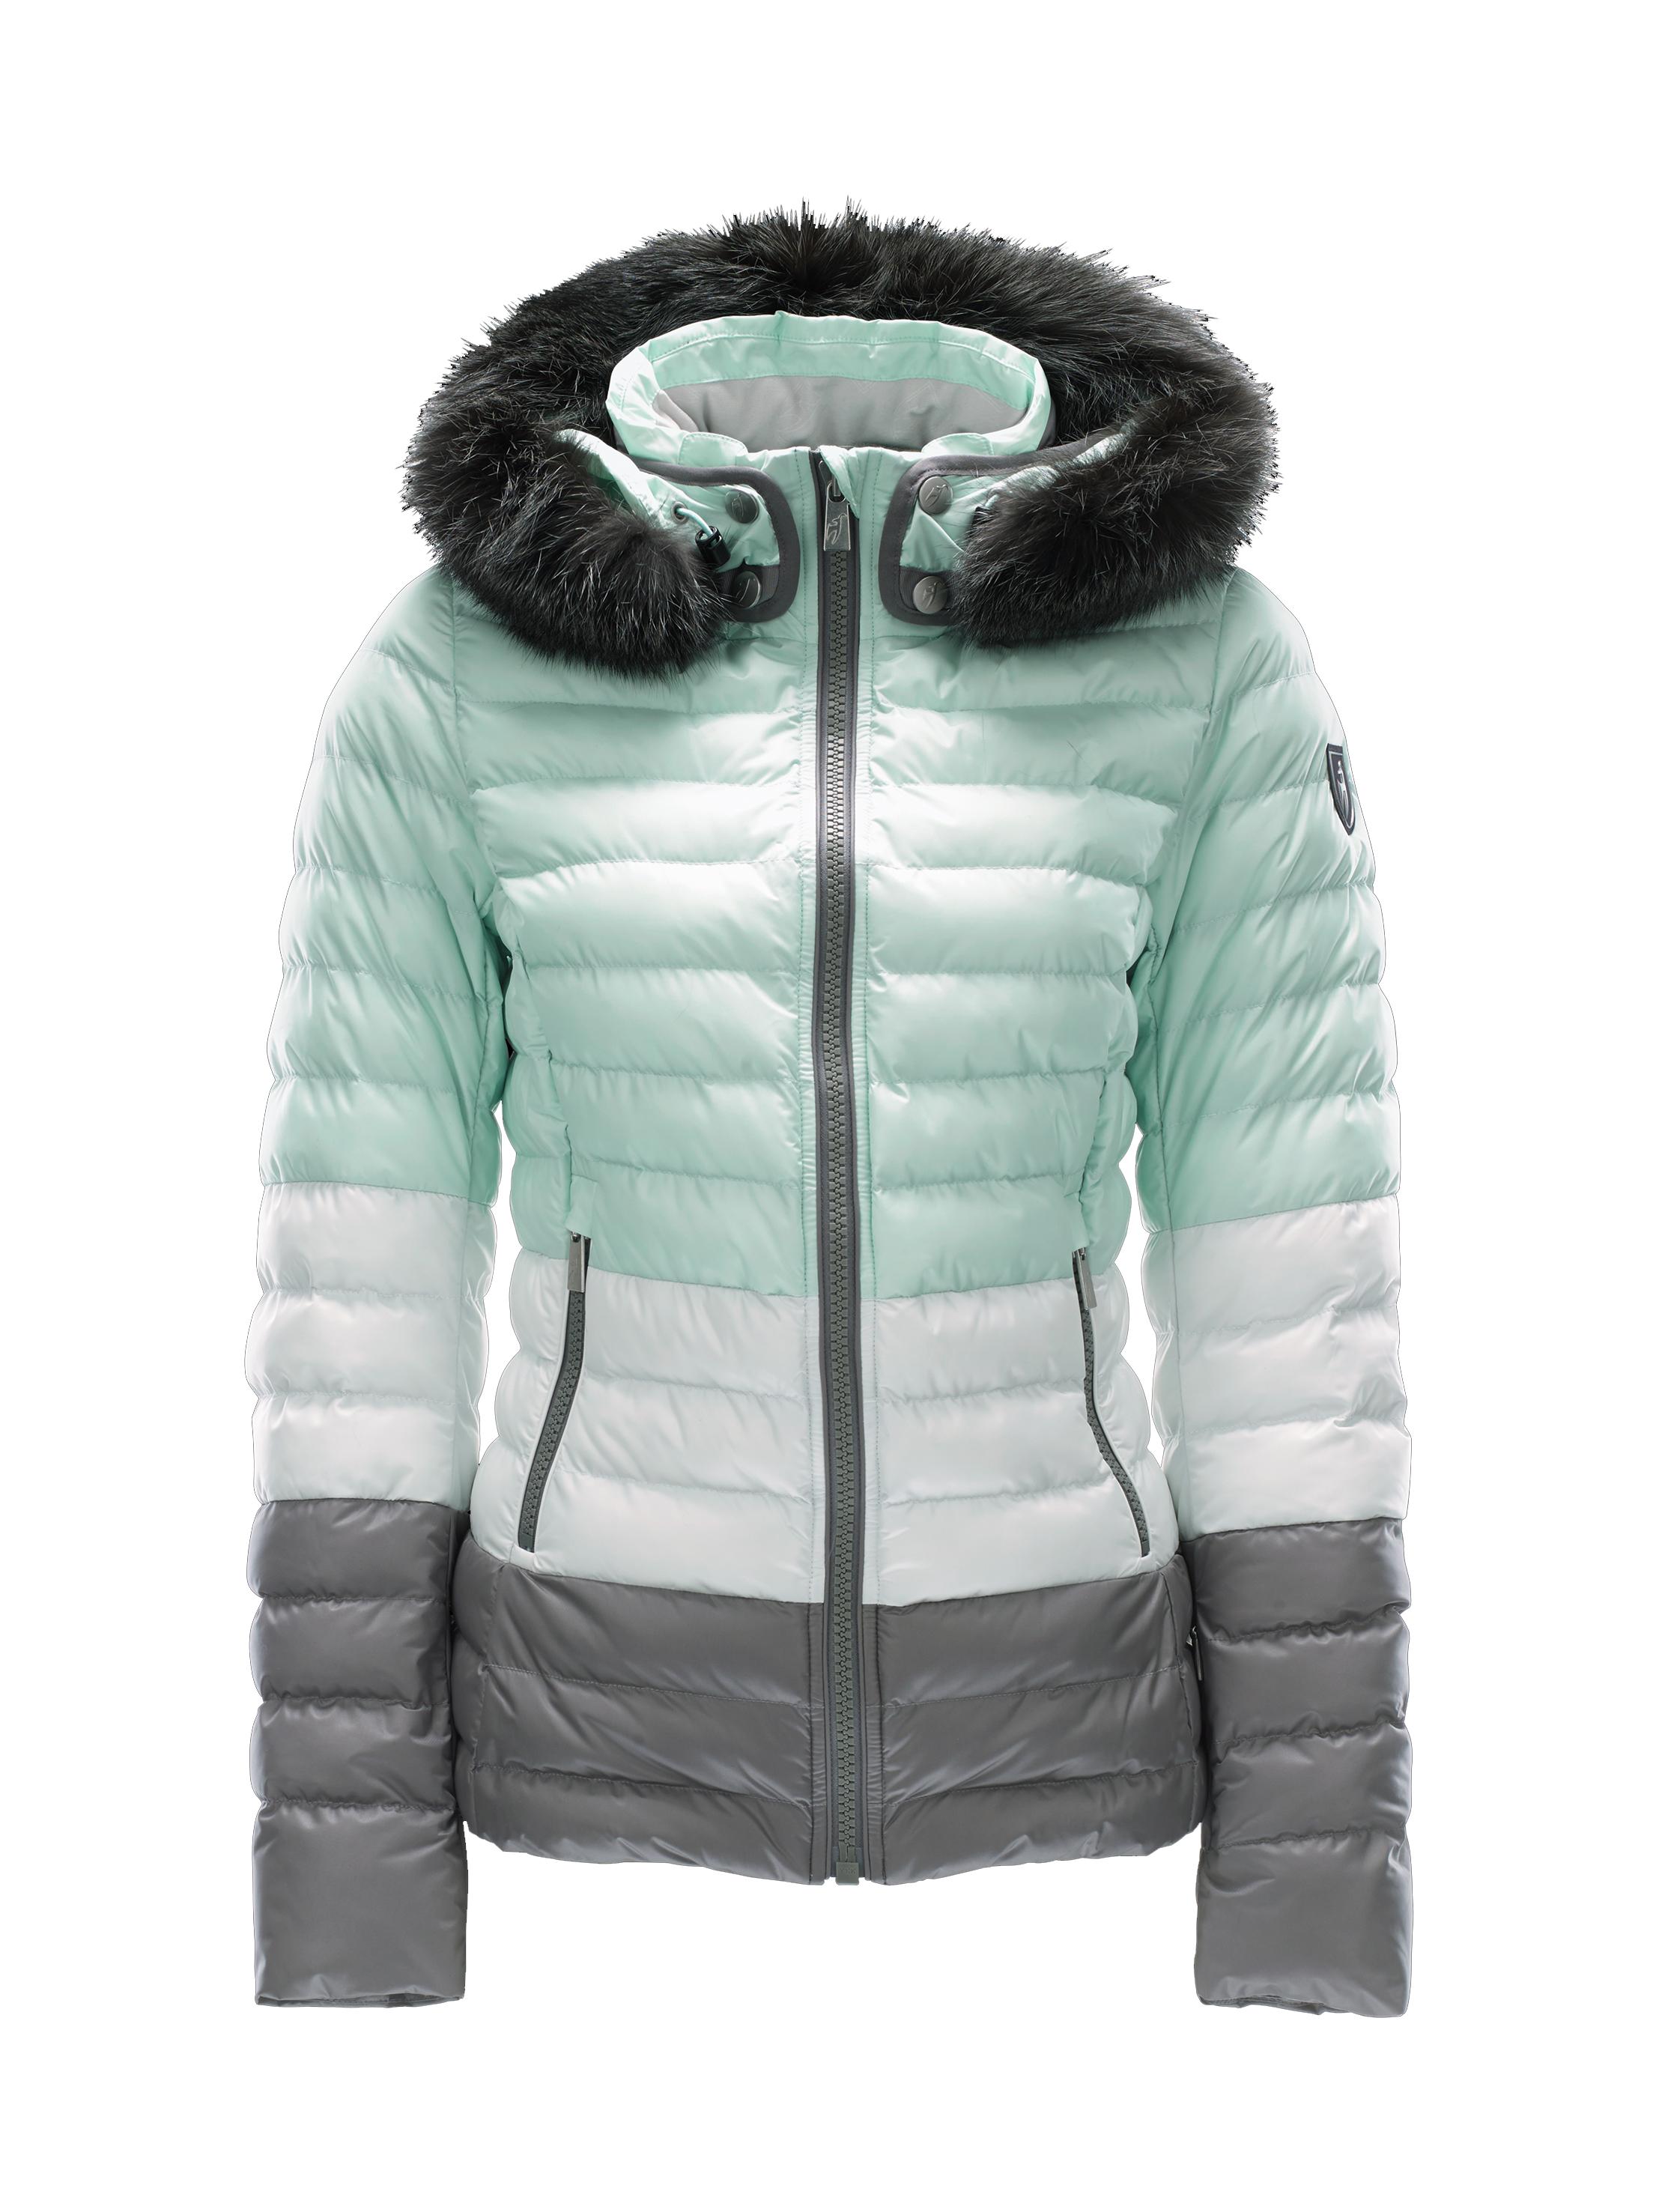 Купить Куртка горнолыжная TONI SAILER 2015-16 MARGOT FUR ice rink Одежда 1217669